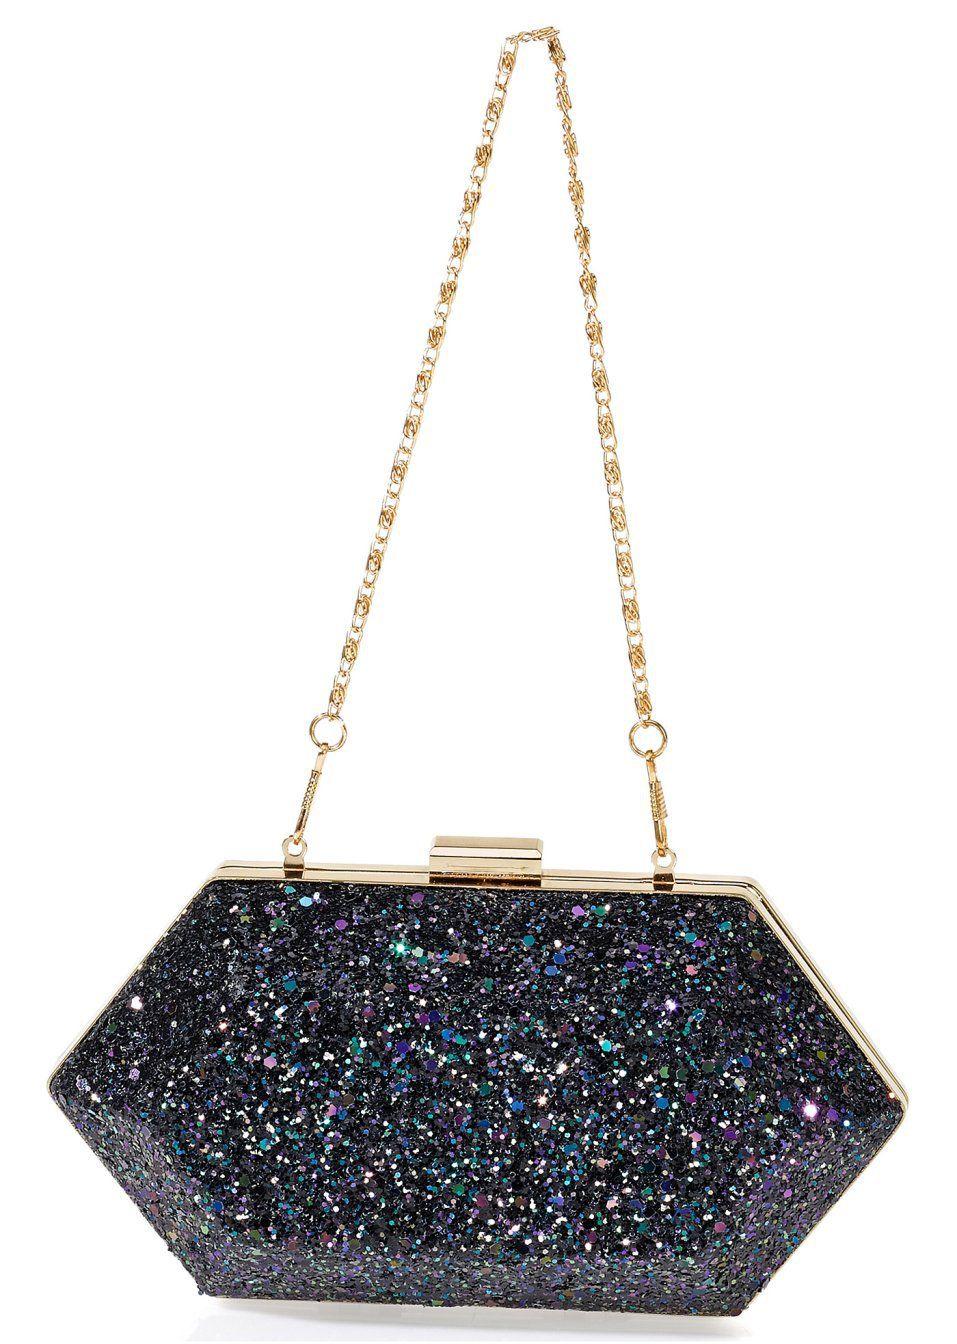 Torebka Pudelko Brokatowa Glitter Party Shoulder Bag Bpc Bonprix Collection